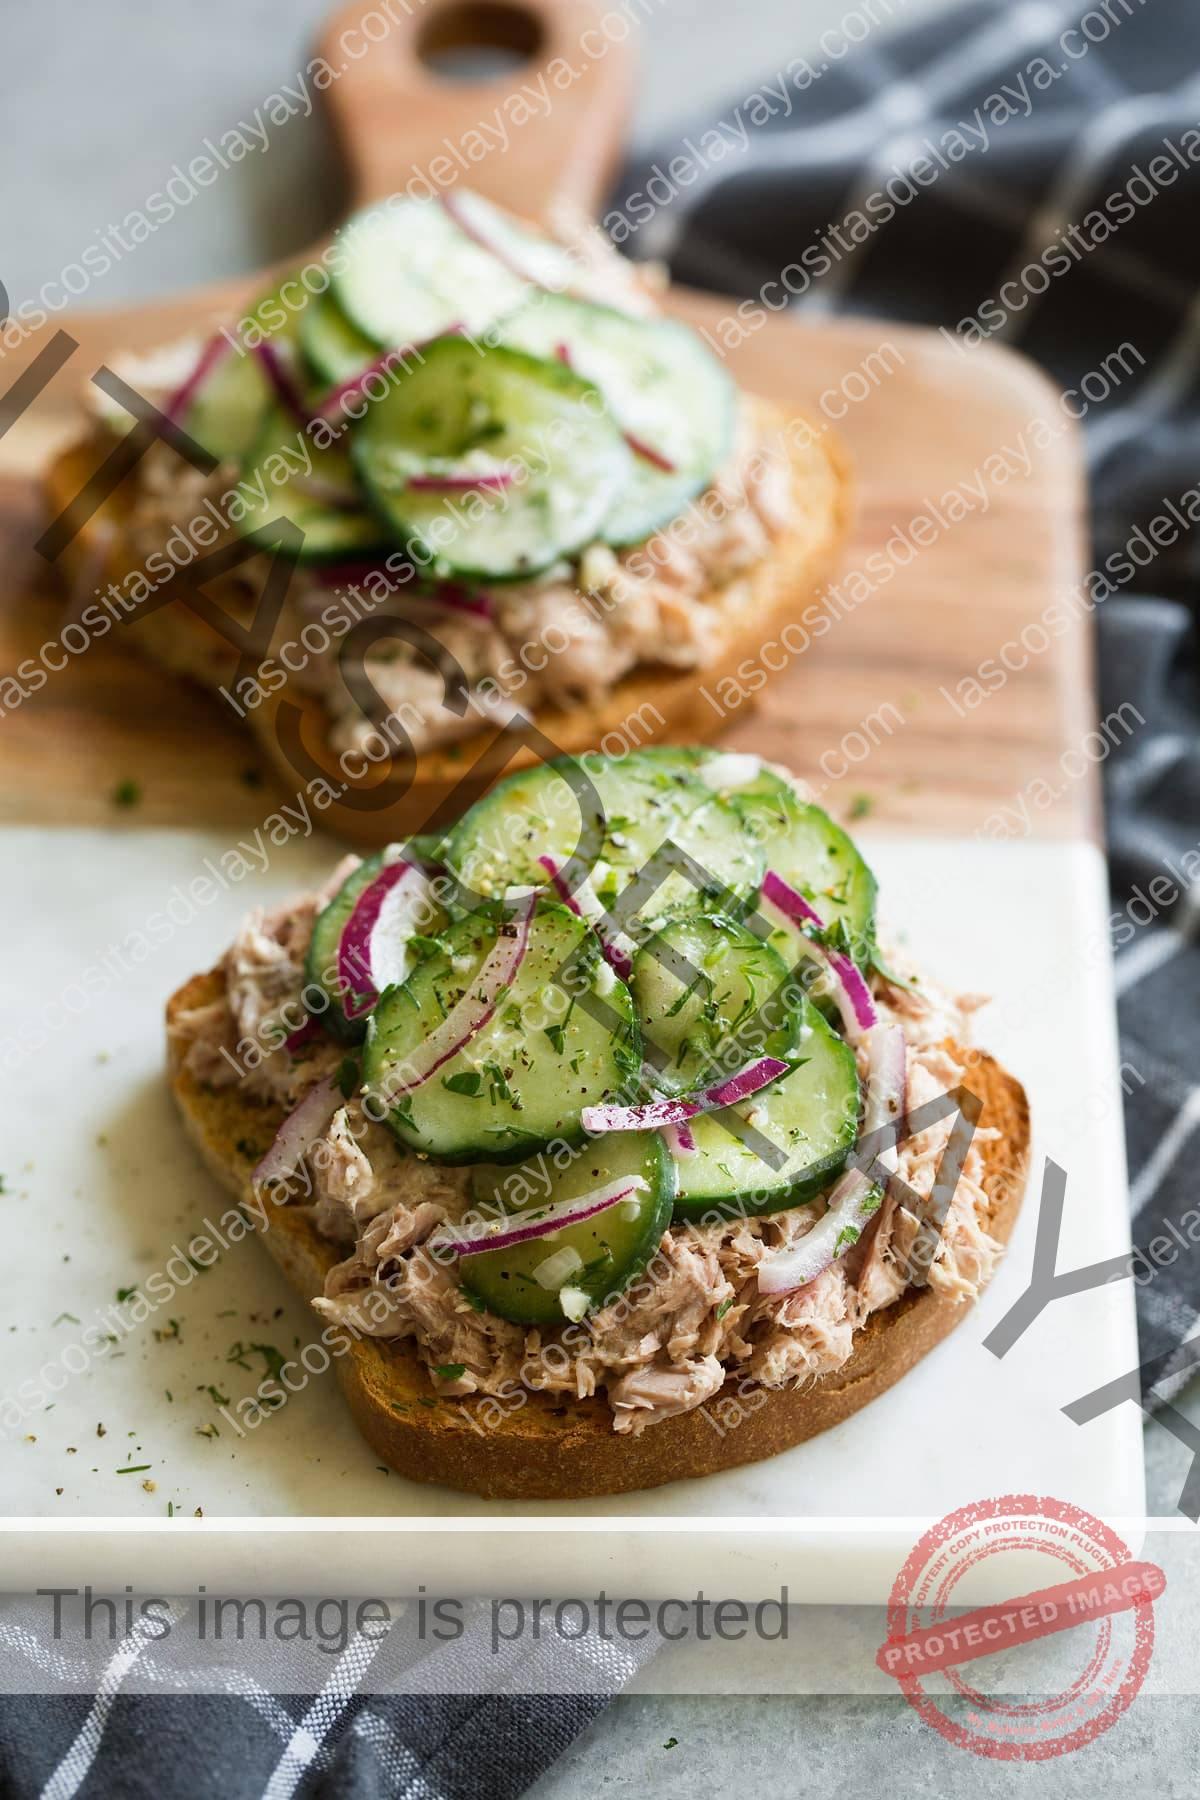 Ensalada de pepino servida sobre un sándwich de ensalada de atún abierto.  Servido con una guarnición de papas fritas.  Esta es una sugerencia de servicio.